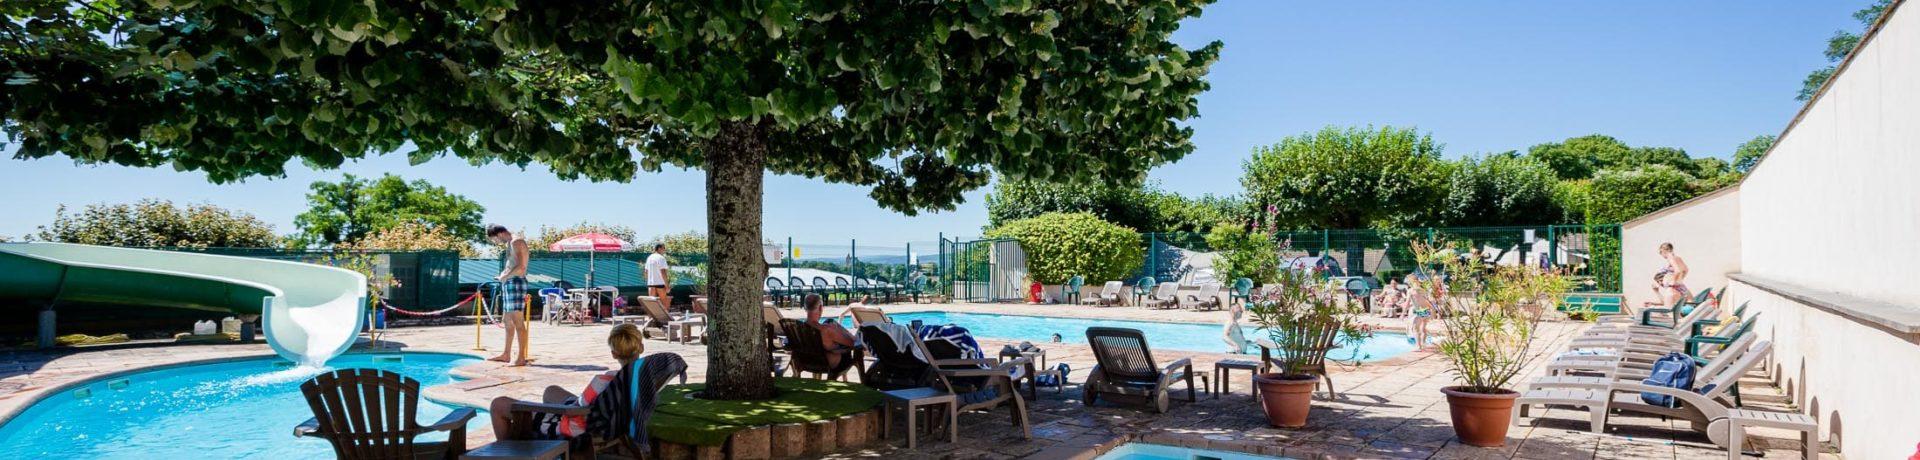 Prachtige charme camping met zwembad gelegen op het platteland van de Bourgogne.